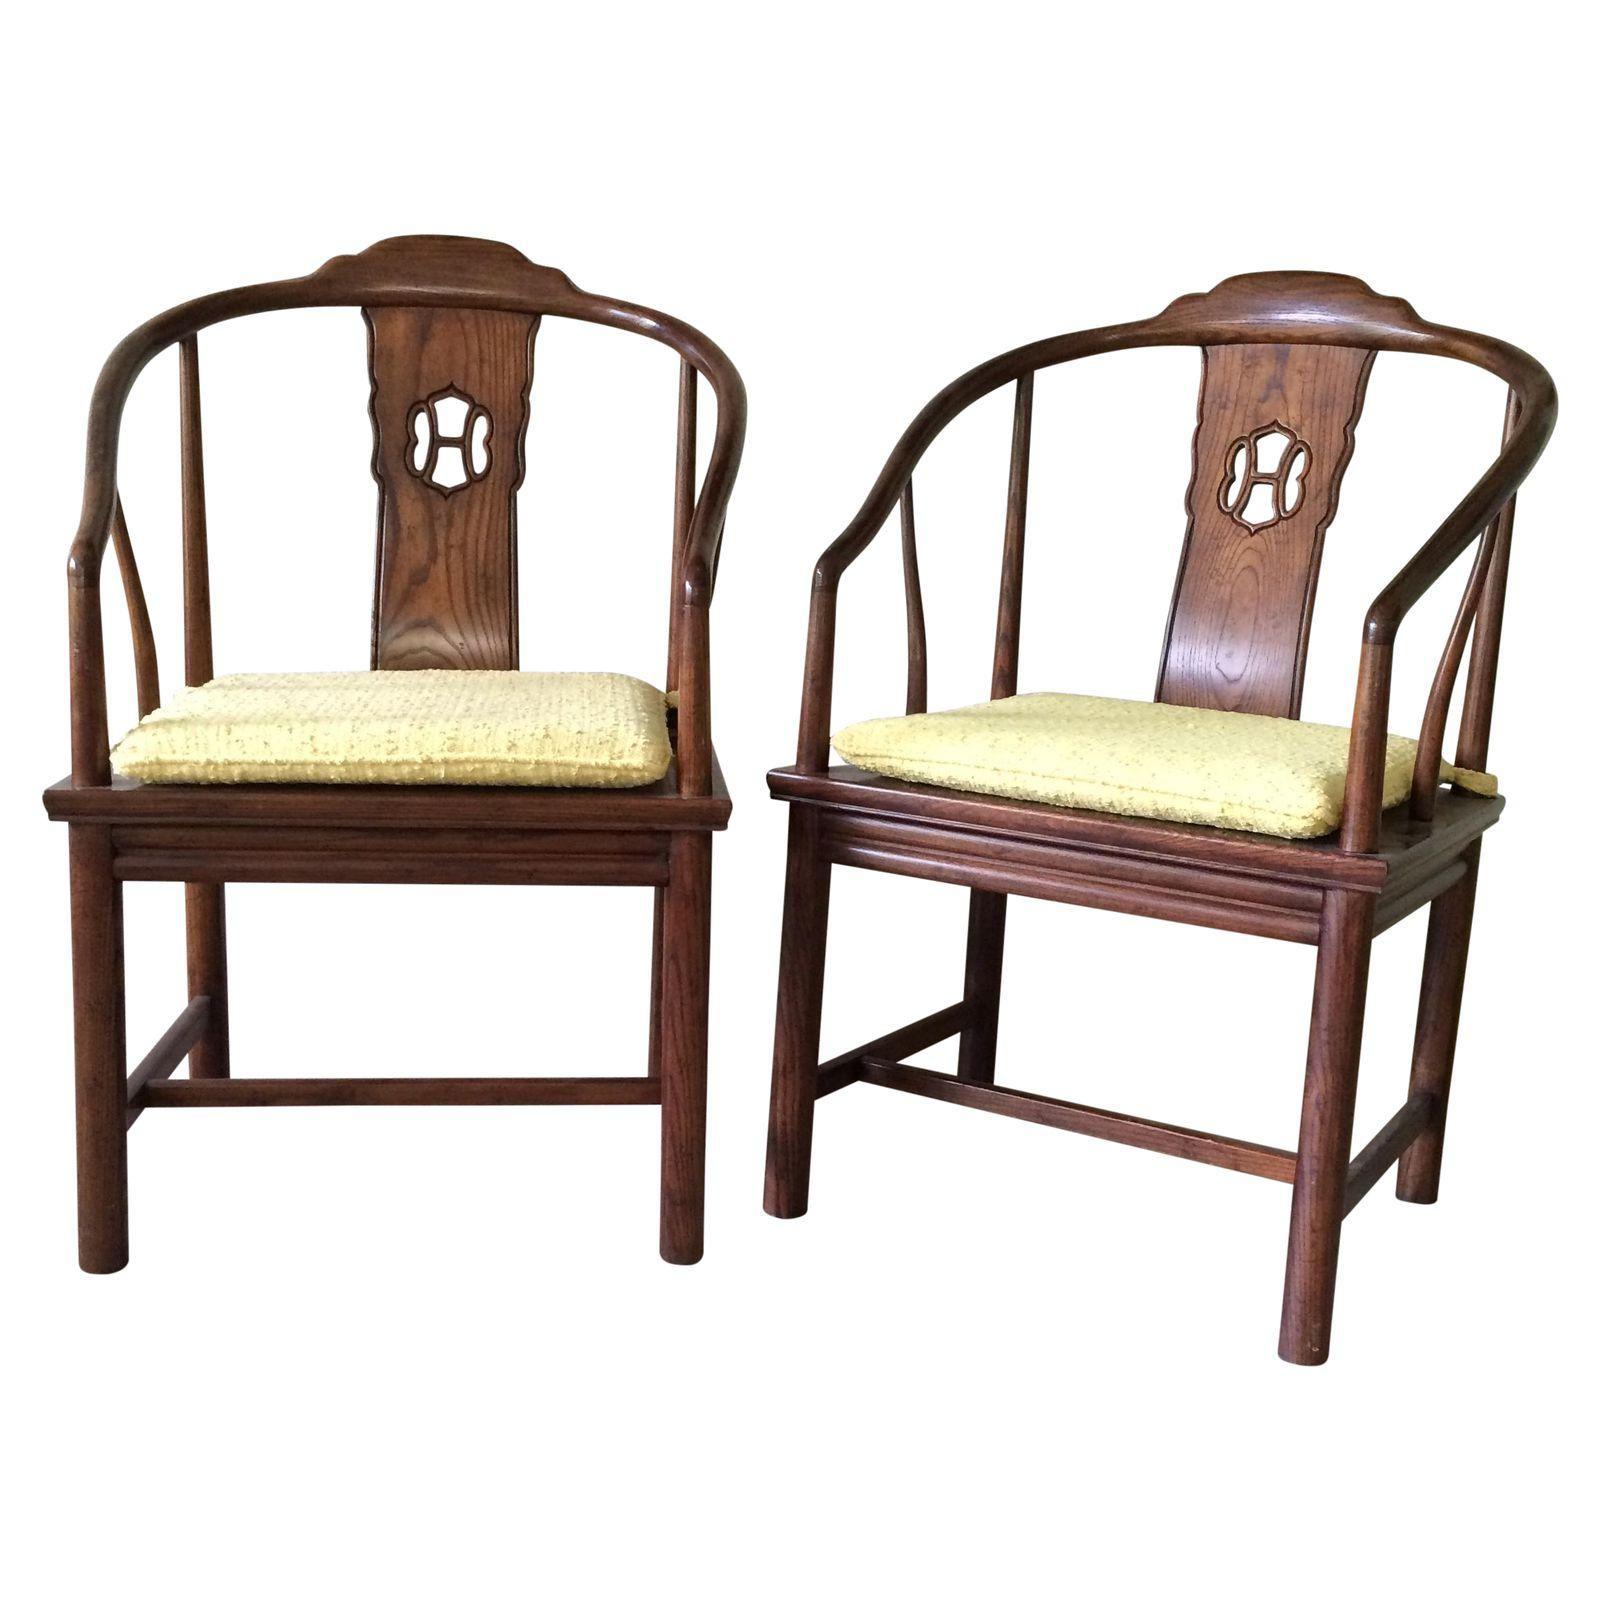 Image Of Henredon Horseshoe-Back Chairs - Pair